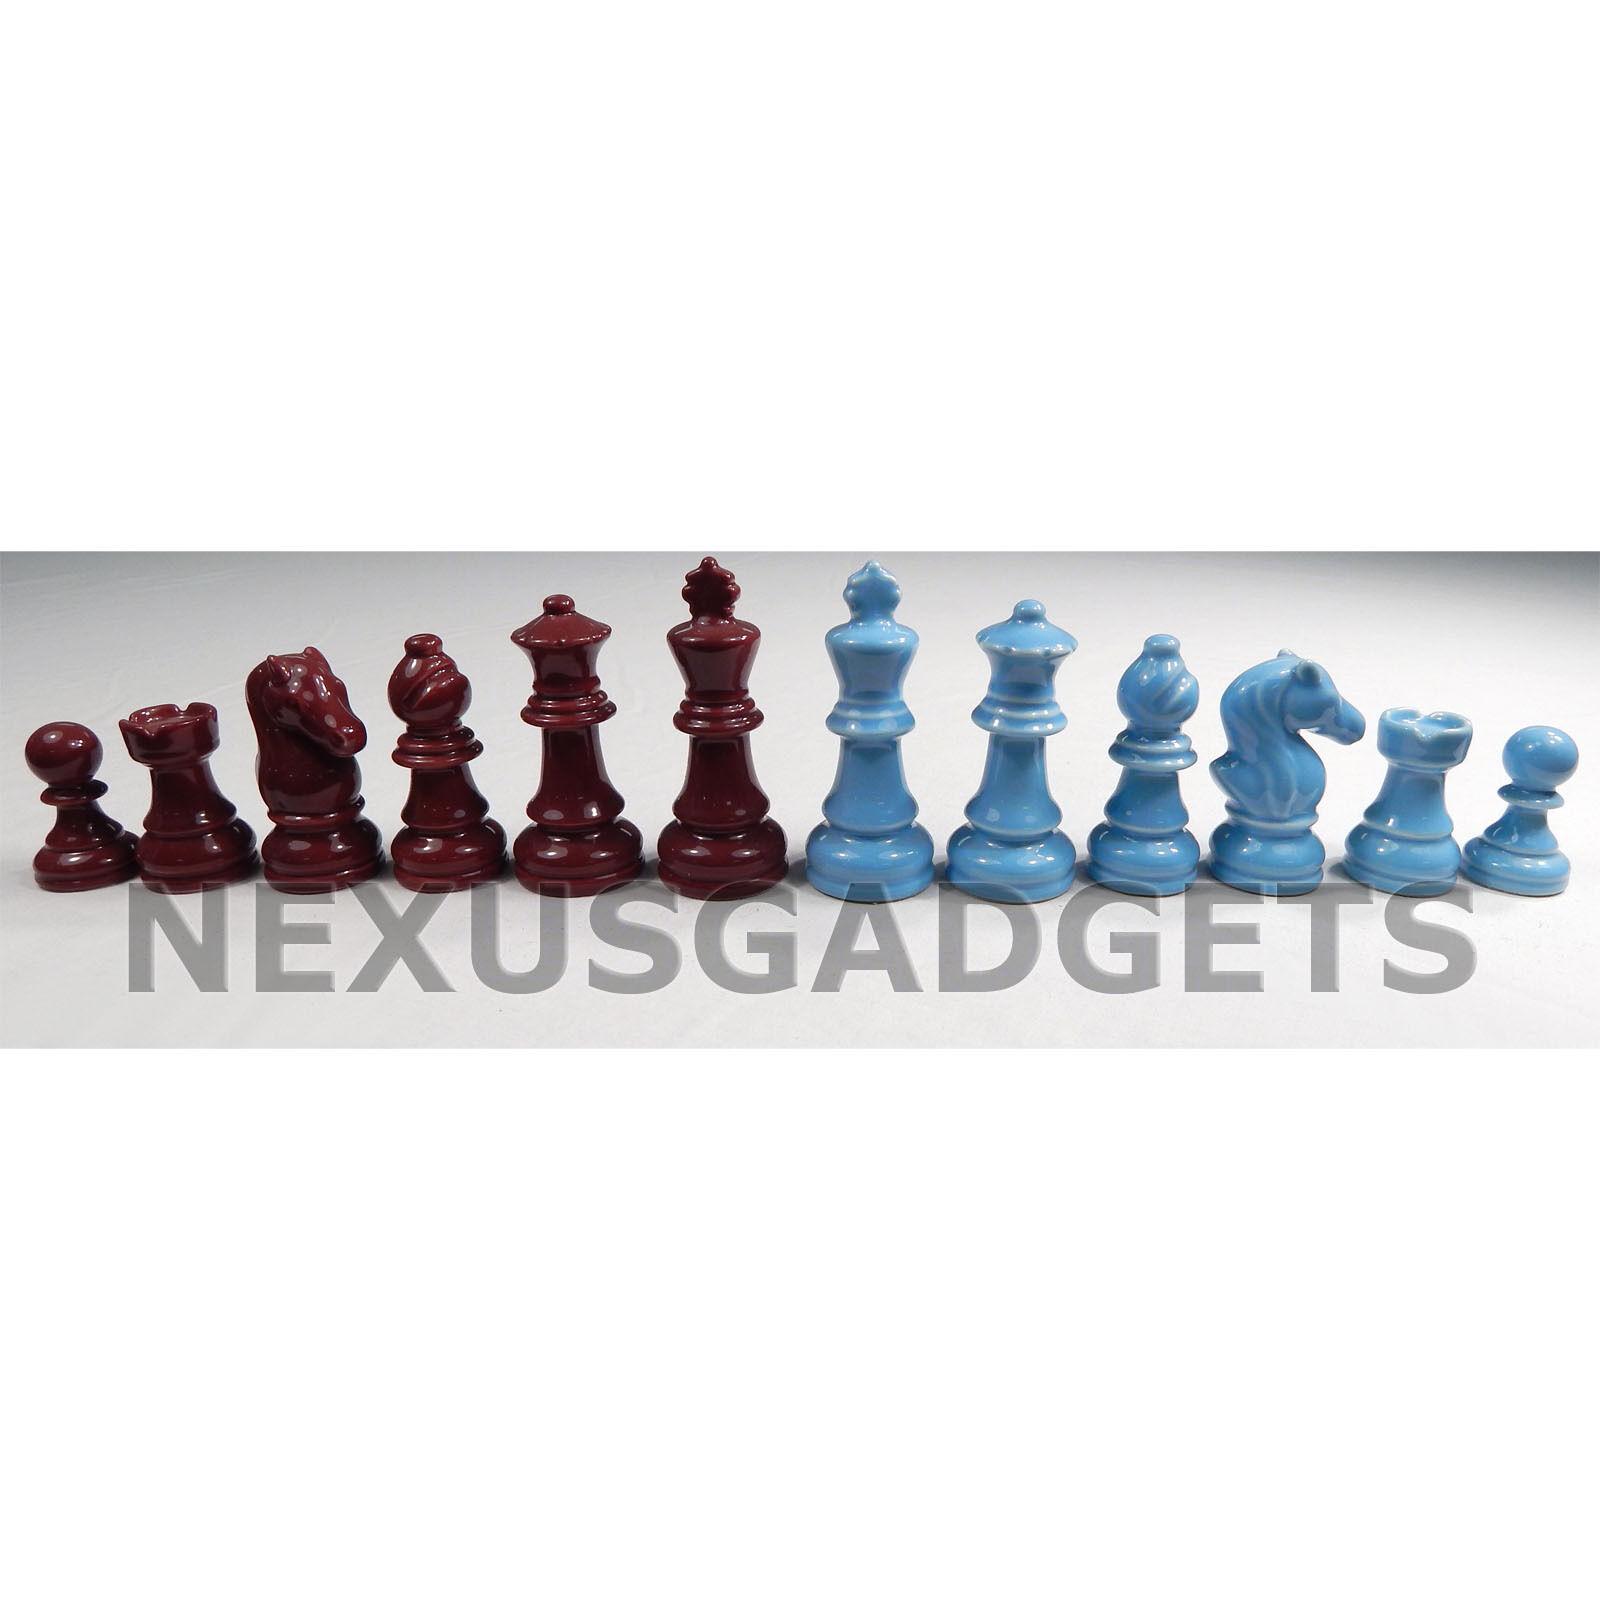 alta calidad general Foz rojo y azul de de de porcelana de 3.5 piezas de ajedrez en King Juego Clásico conjunto no Board  online barato